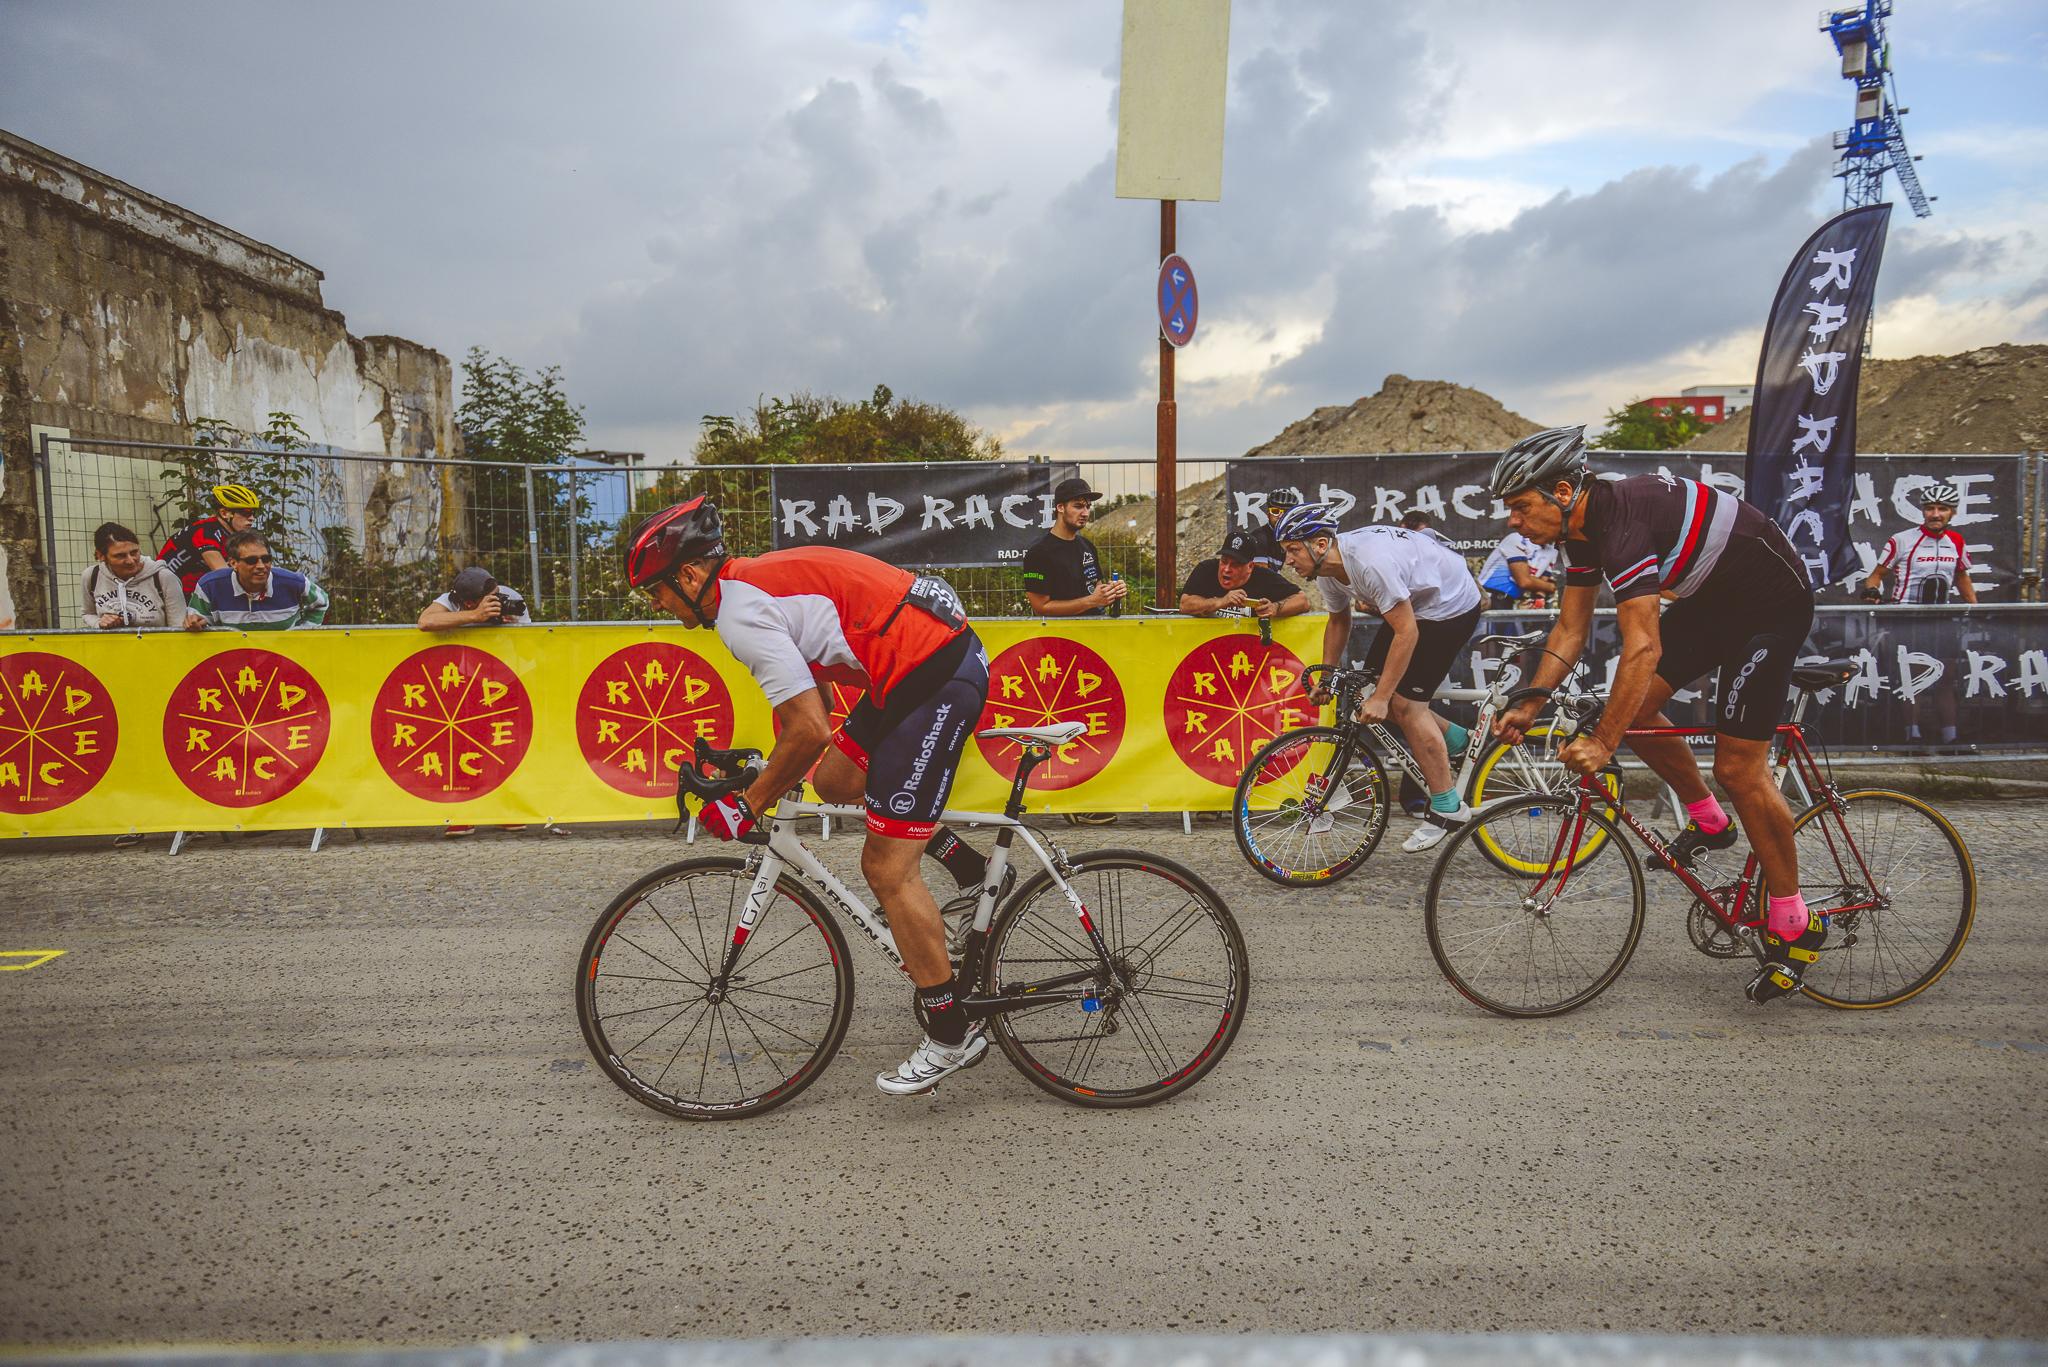 RAD RACE BATTLE OFFENBACH_Pic by www.lifedraft.de_36.jpg